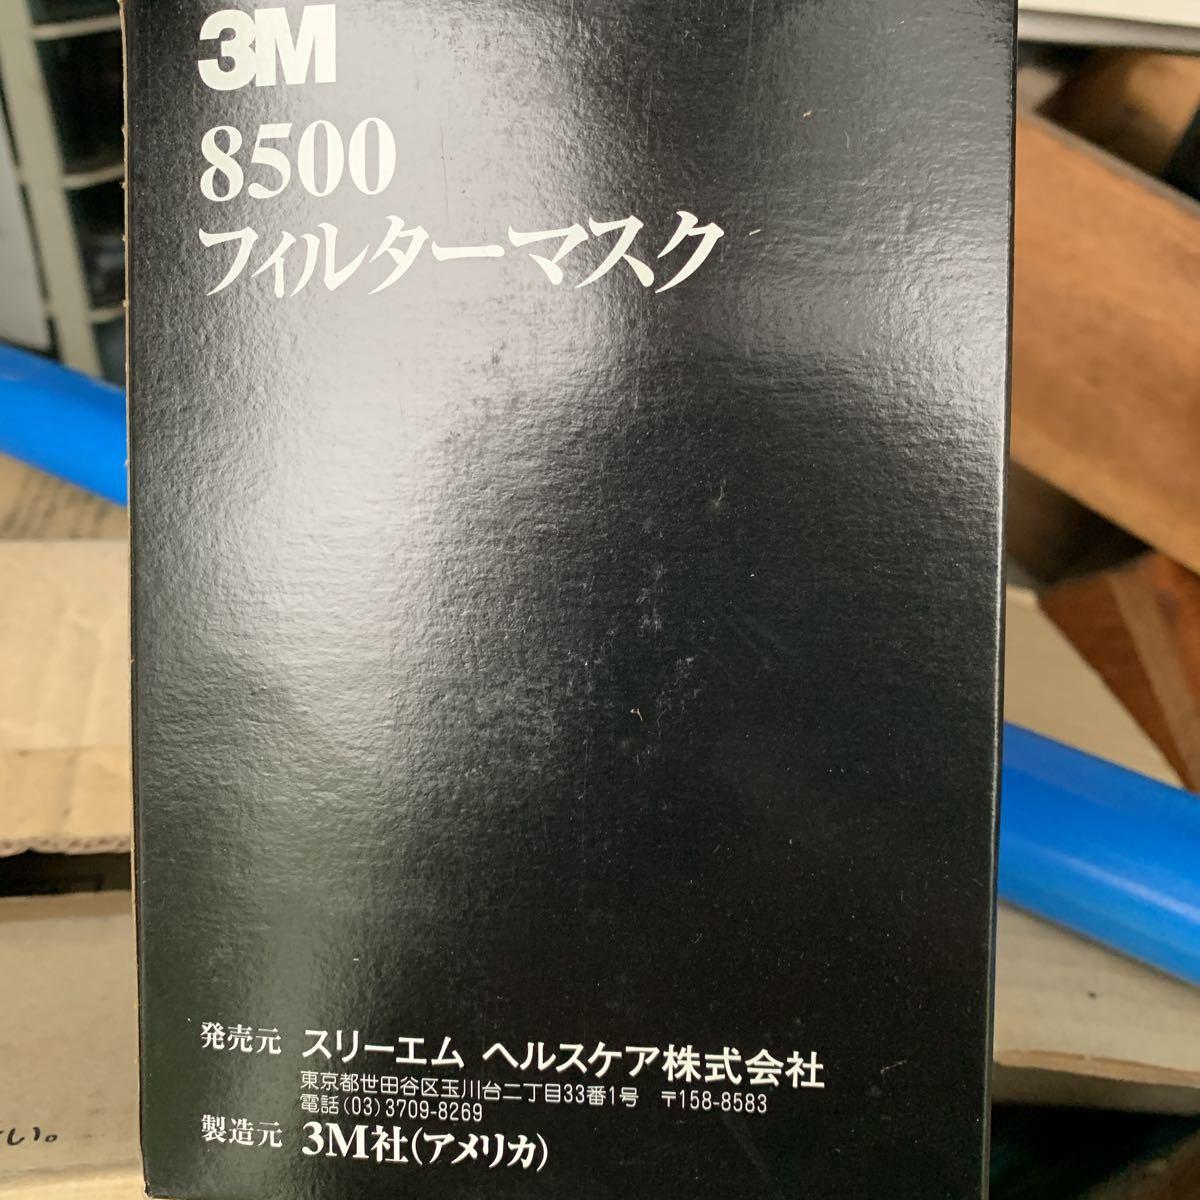 防塵マスク 3M8500フィルターマスク 50枚入り_画像1